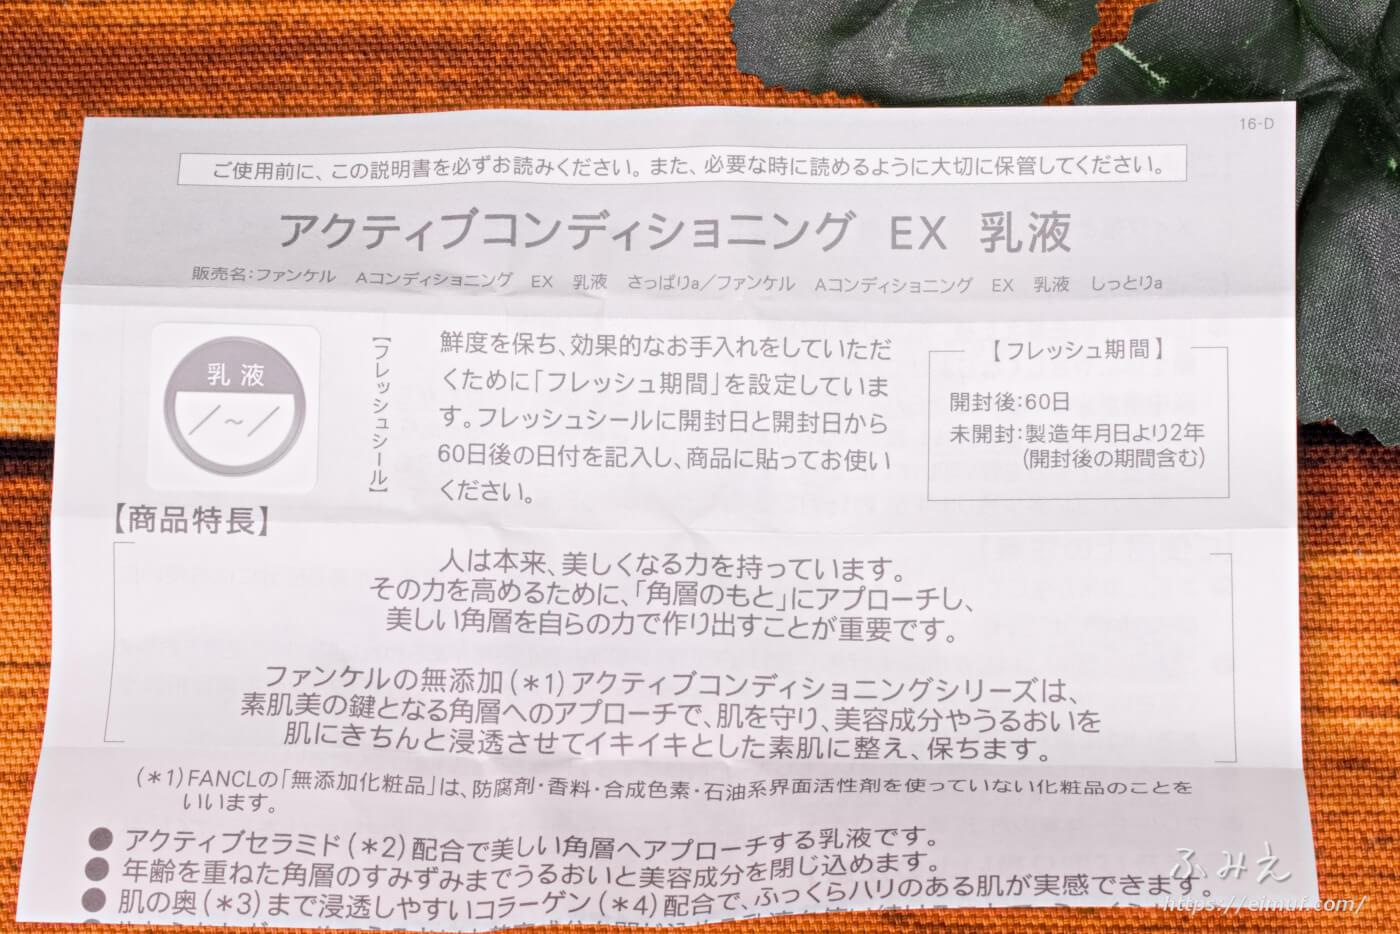 ファンケル 無添加モイストリファイン (旧無添加 アクティブコンディショニングEX 乳液II) 付属の説明書